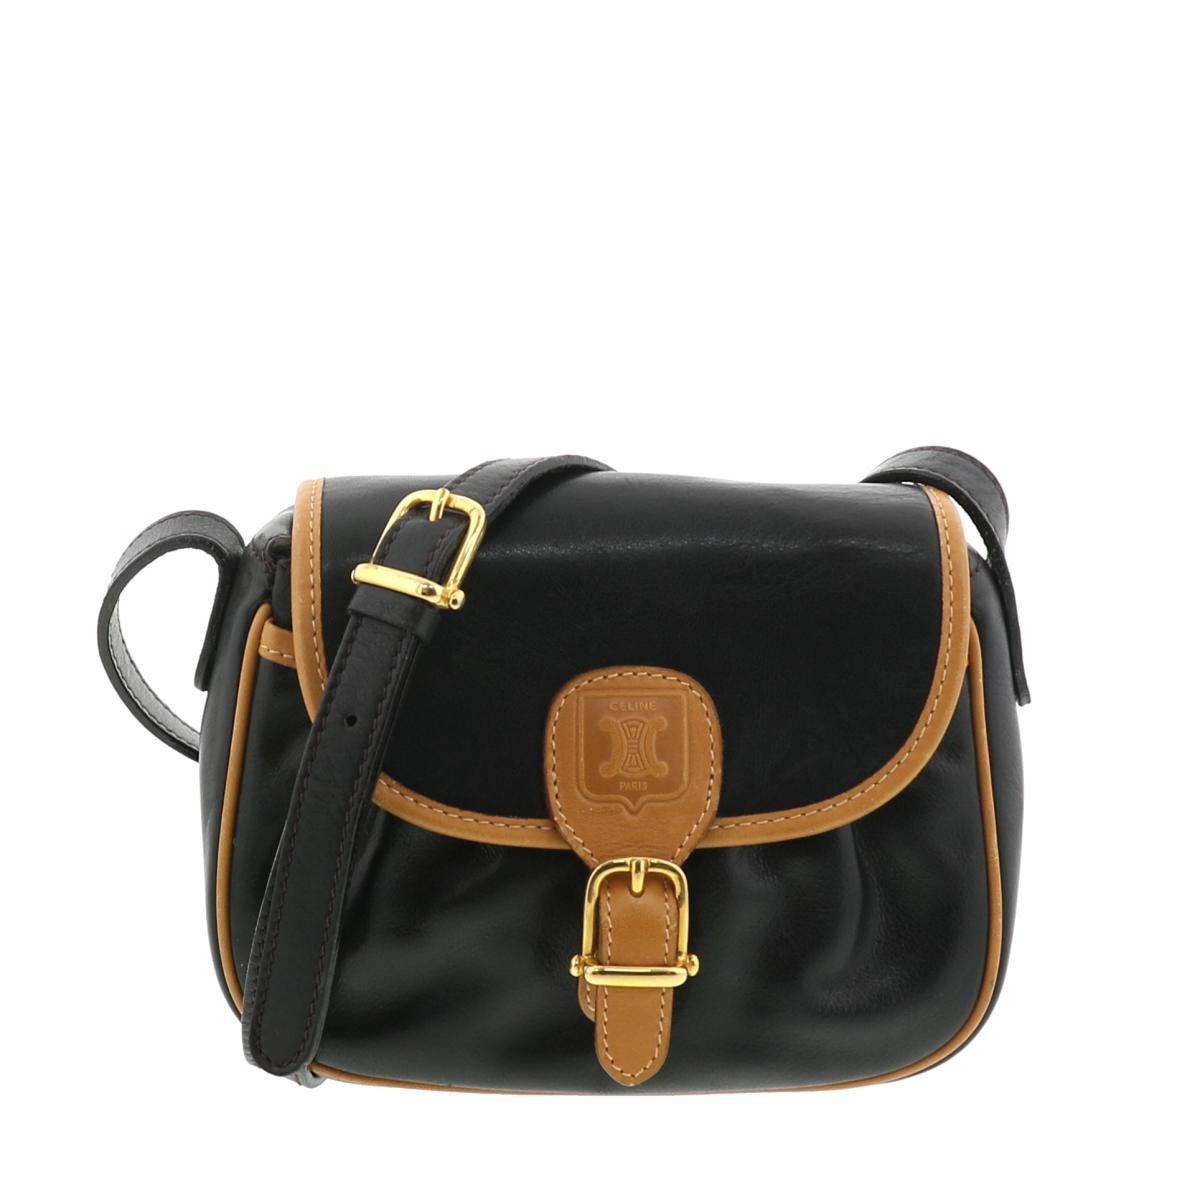 レディースバッグ, ショルダーバッグ・メッセンジャーバッグ  CELINE Vintage Shoulder Bag Black